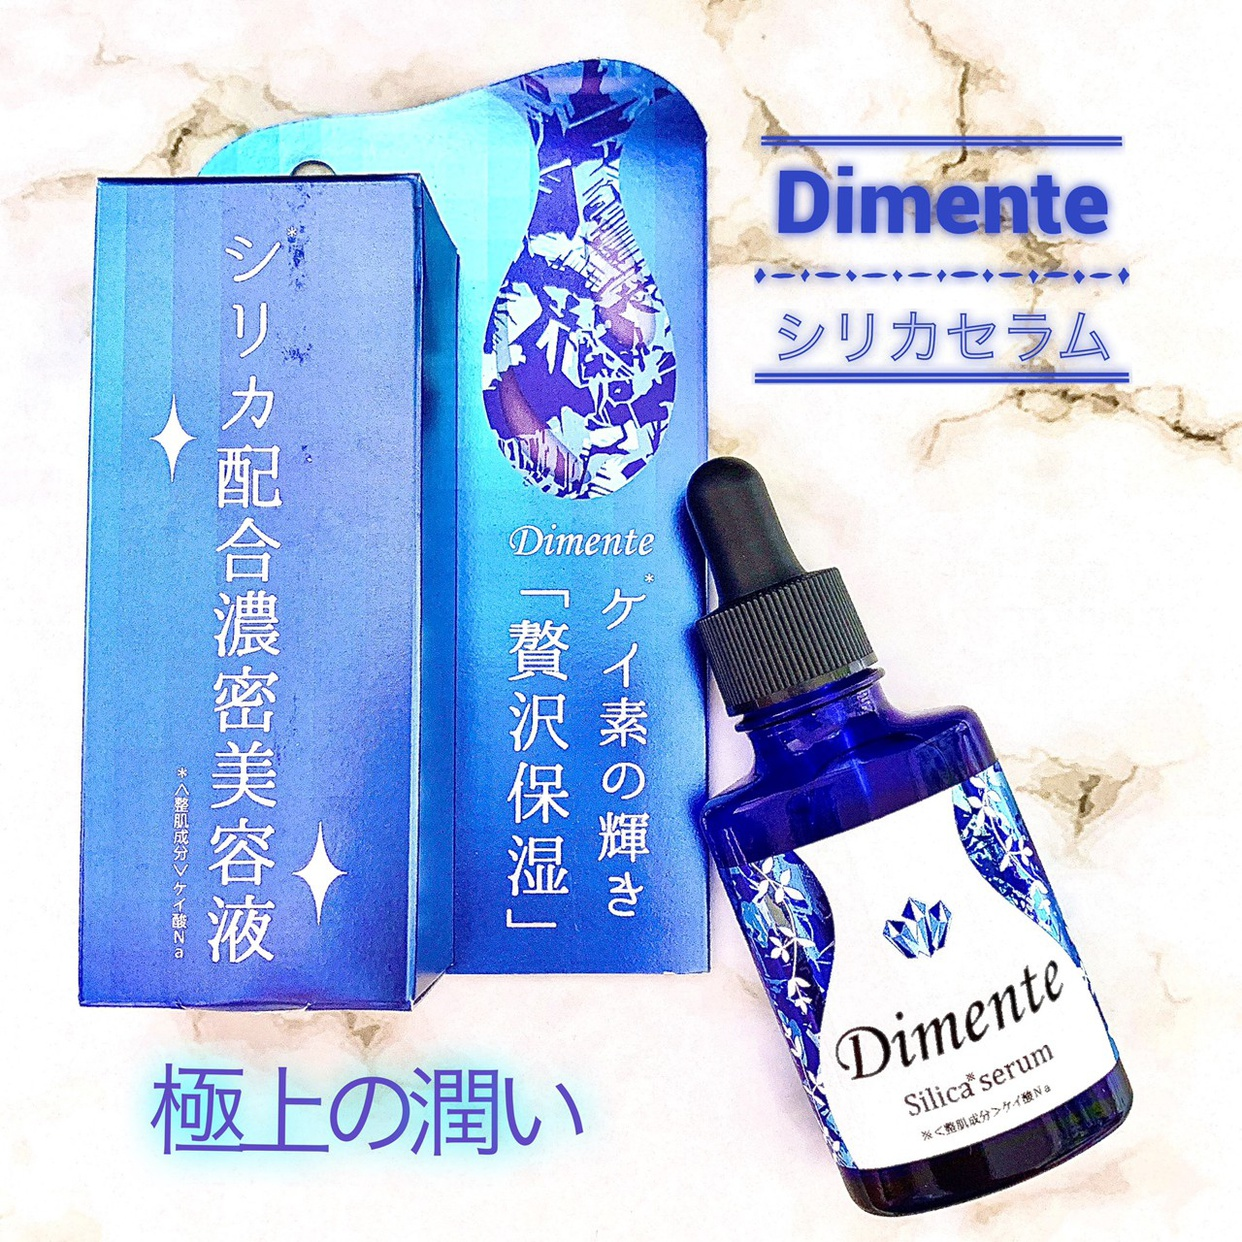 Dimente(ディメンテ) シリカセラムの良い点・メリットに関するkana_cafe_timeさんの口コミ画像2